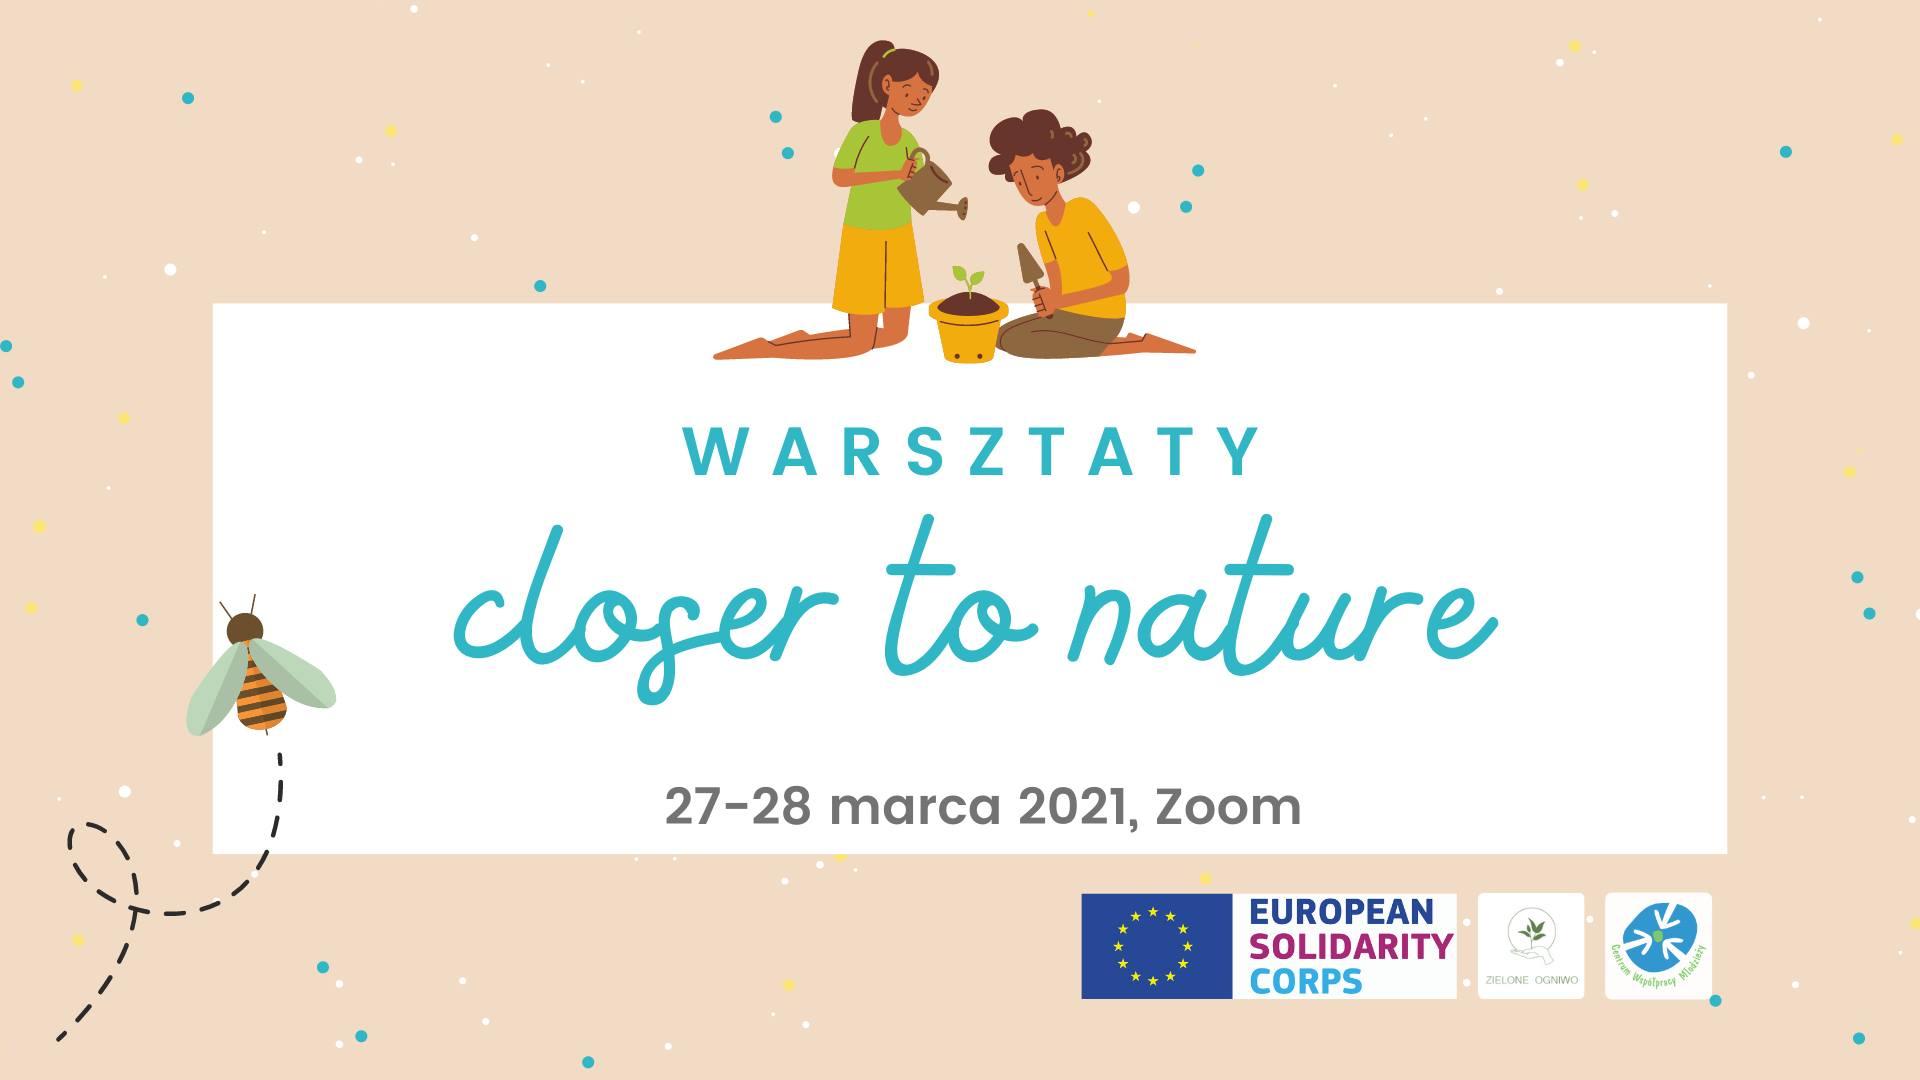 Closer to nature 2.0 - warsztaty ekologiczne dla rodziców i dzieci